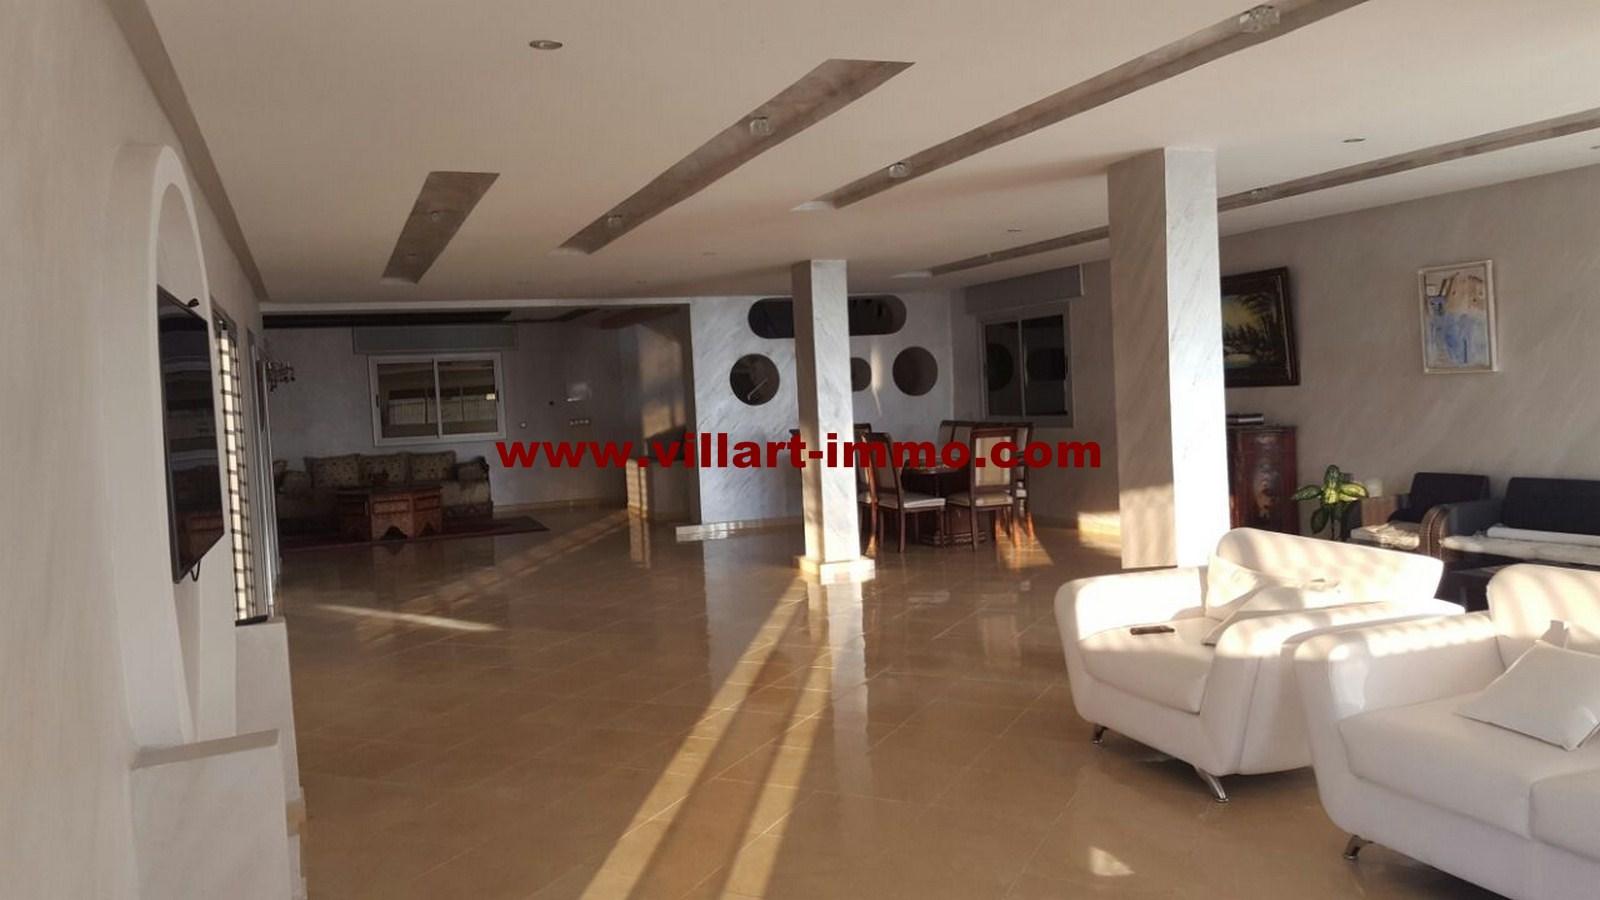 6-vente-villa-tanger-achakar-salon-2-vv451-villart-imm